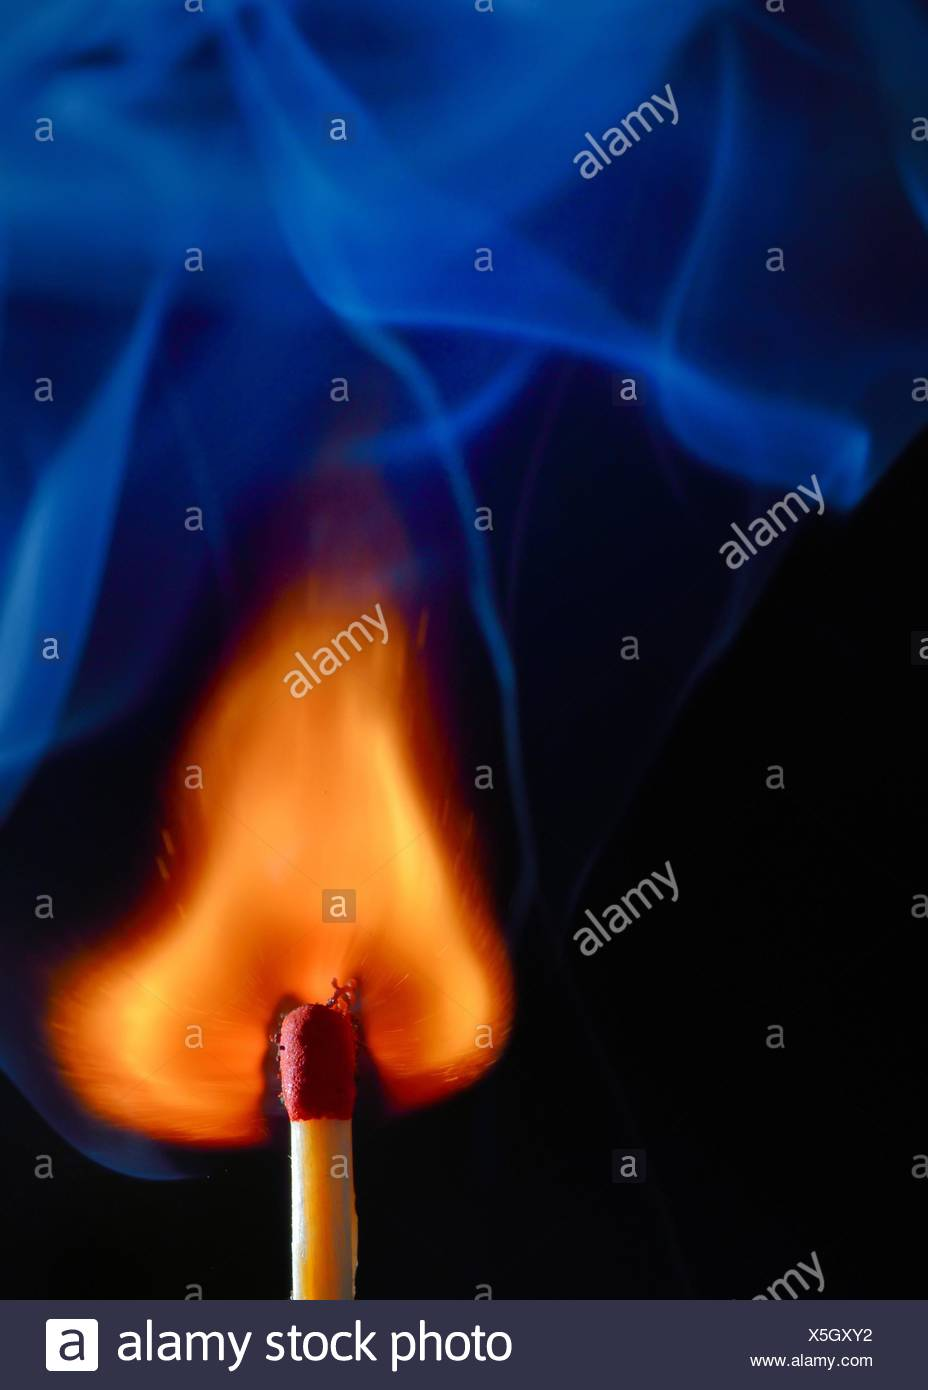 Burning match with blue smoke on black background. - Stock Image